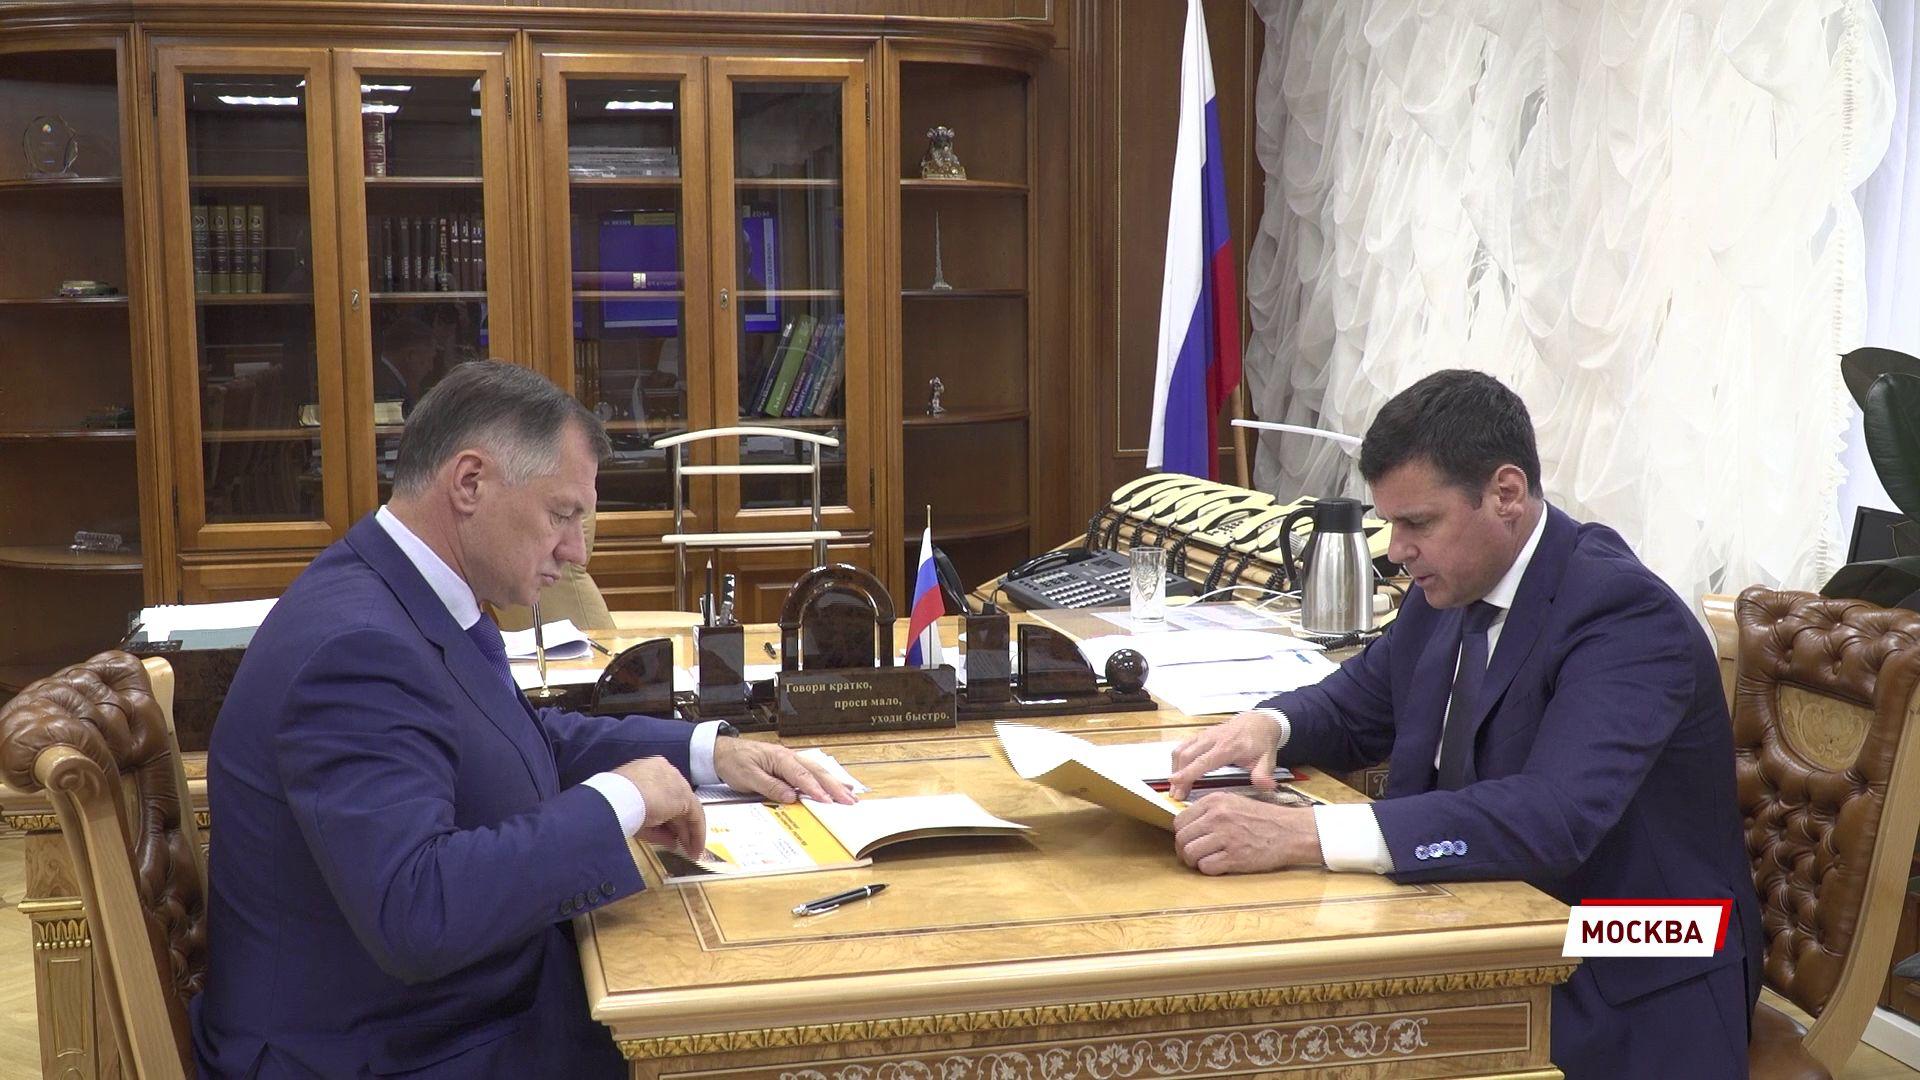 Дмитрий Миронов обсудил нацпроекты с заместителем правительства России